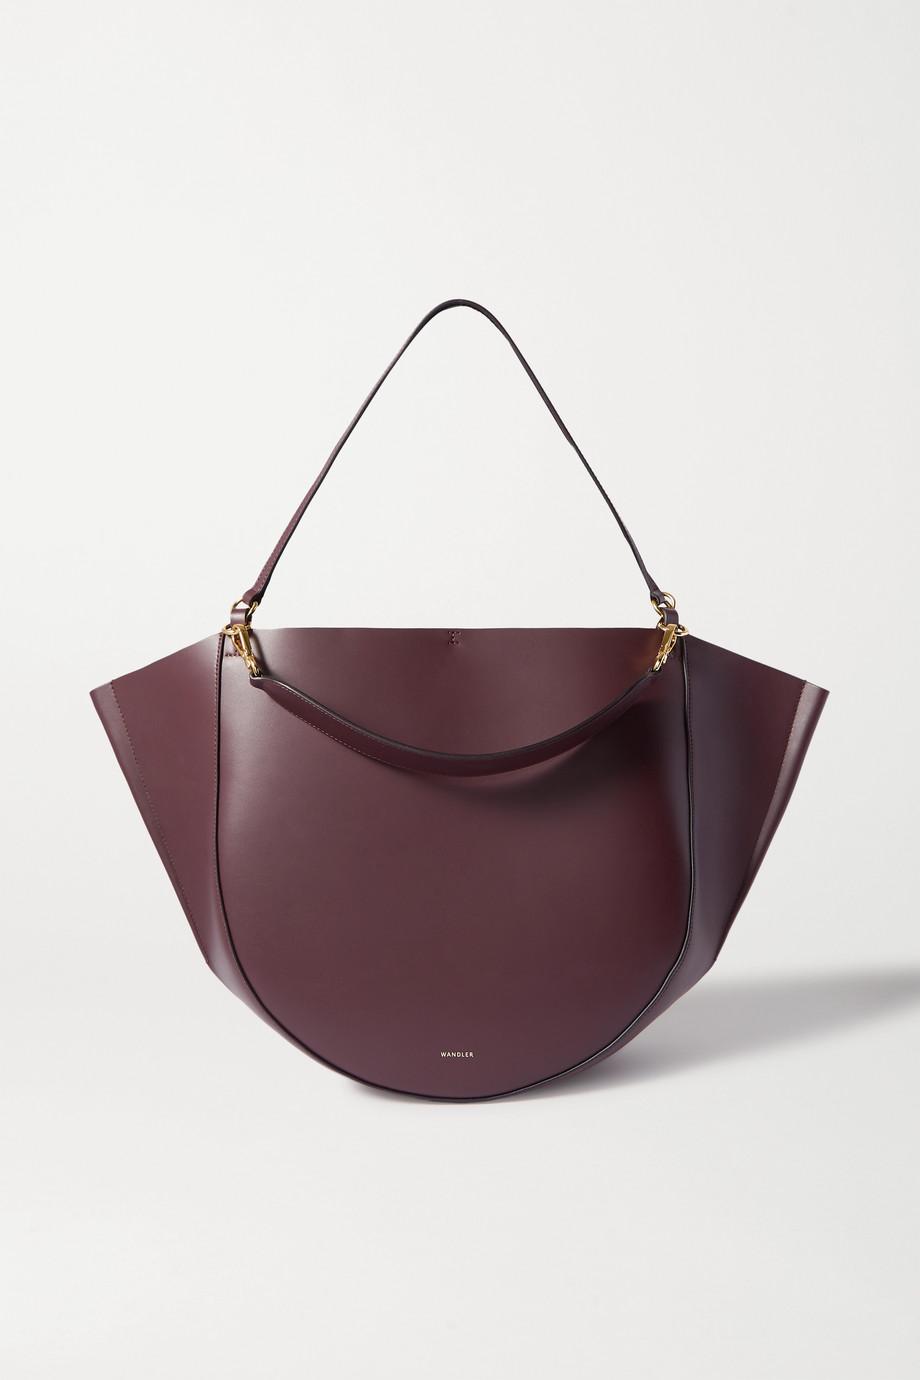 Wandler Mia large leather shoulder bag